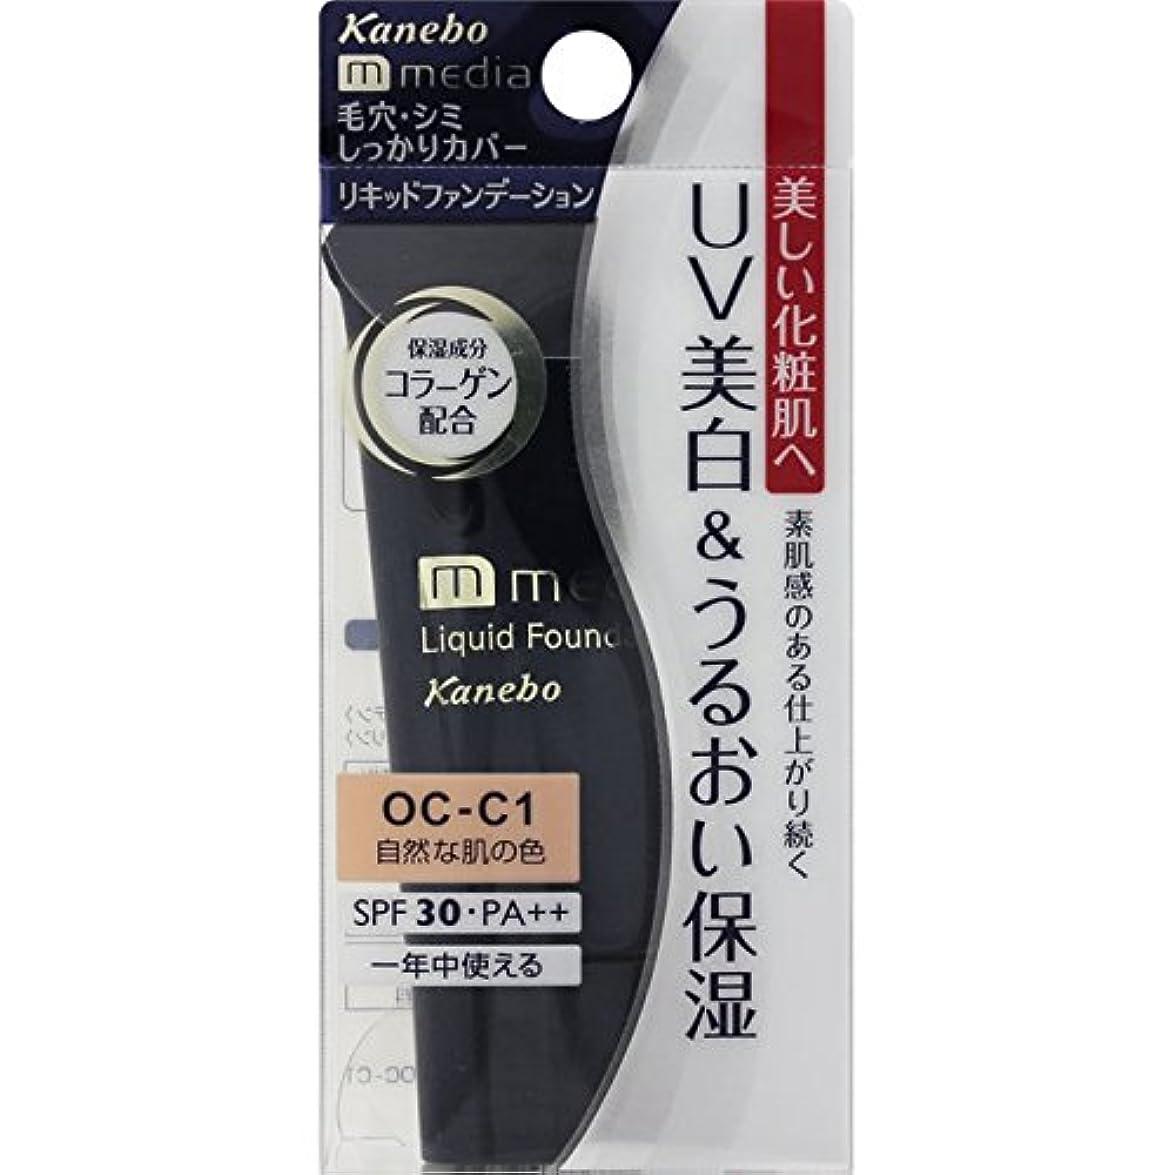 仮装運河小川カネボウ メディア(media)リキッドファンデーションUV カラー:OC-C1